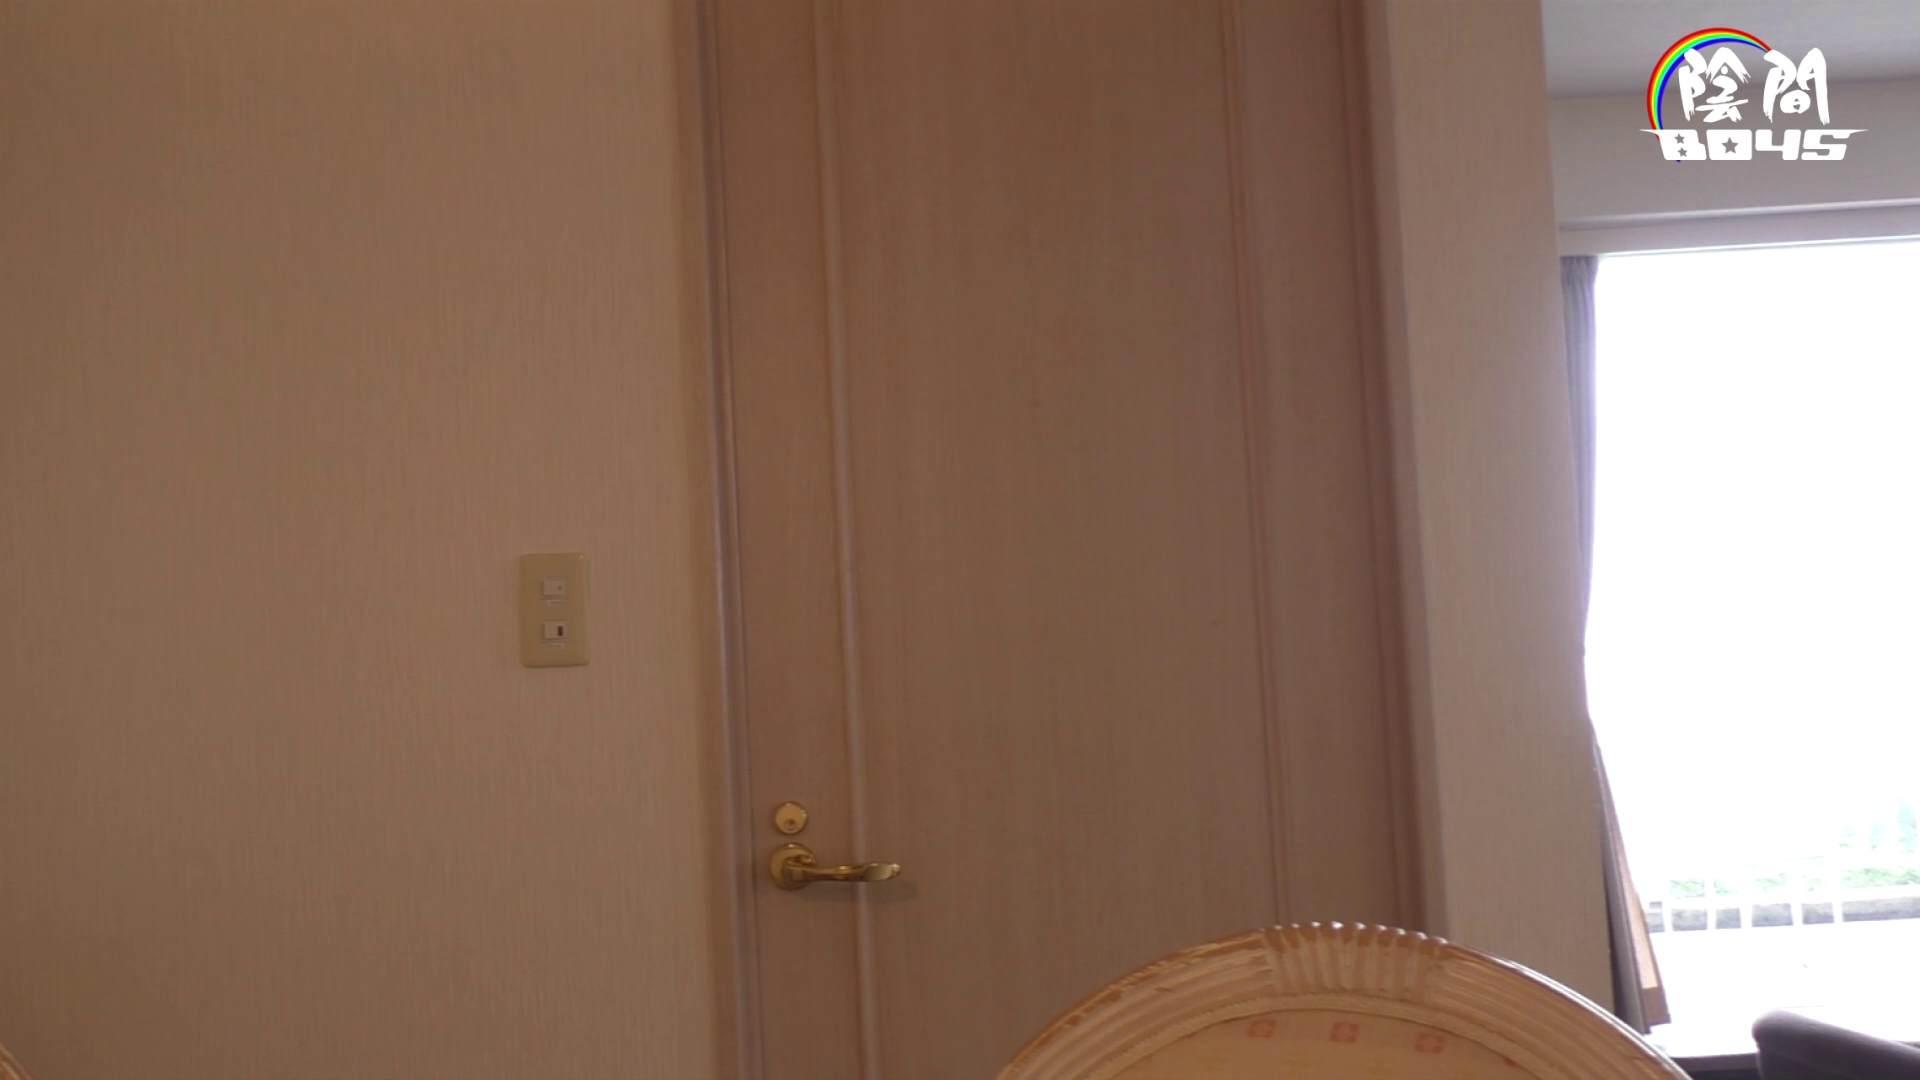 アナルで営業ワン・ツー・ スリーpart2 Vol.1 お口に発射 ゲイ無修正動画画像 62pic 24